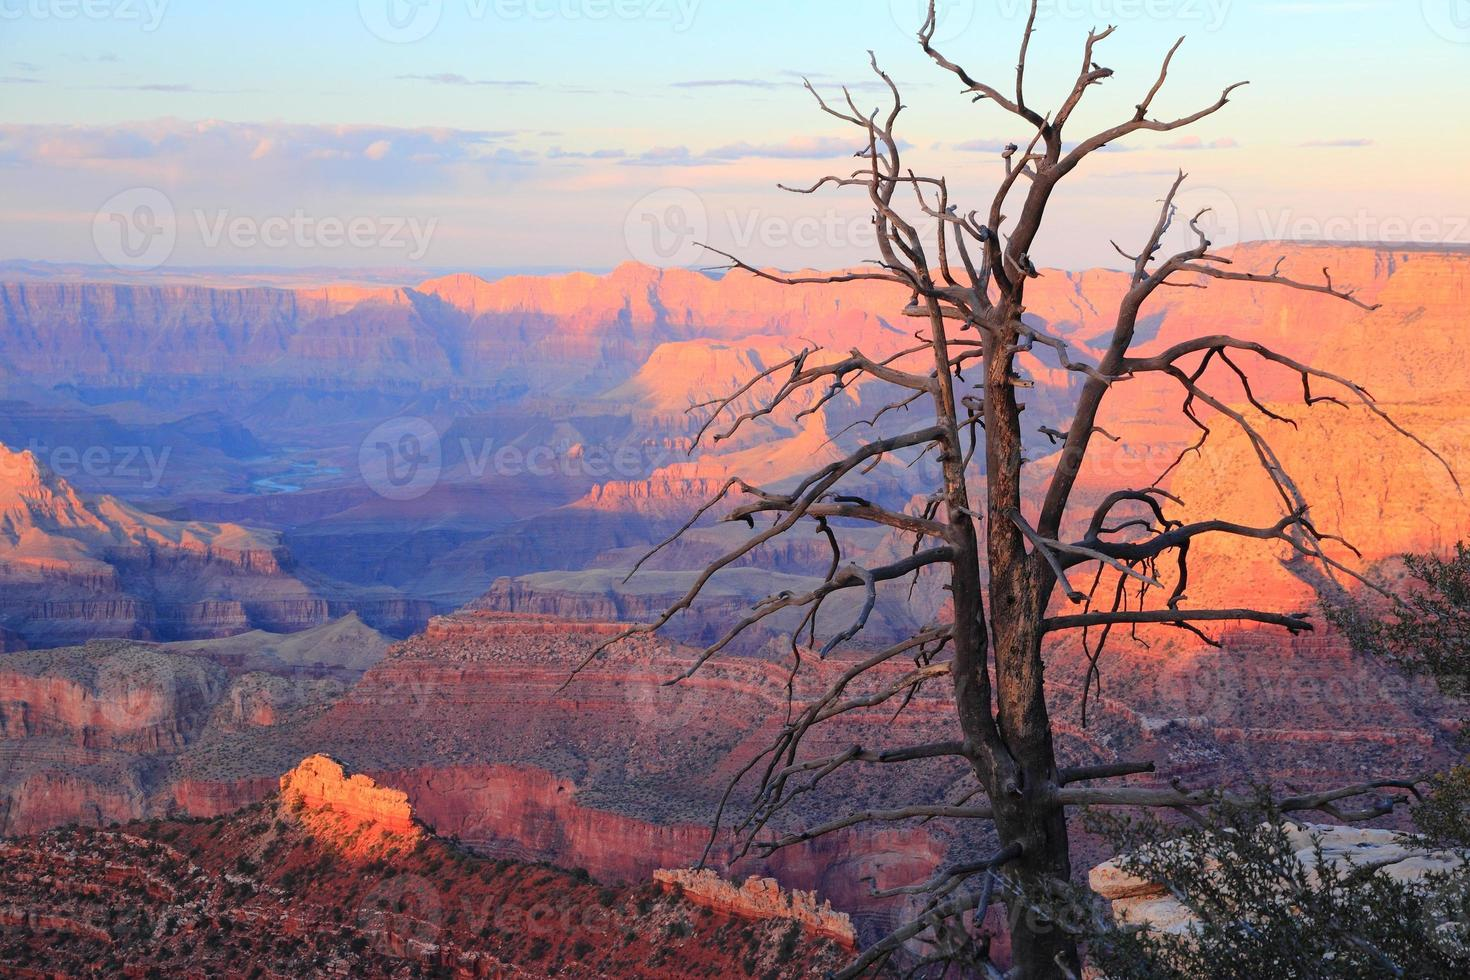 coucher de soleil grand canyon photo